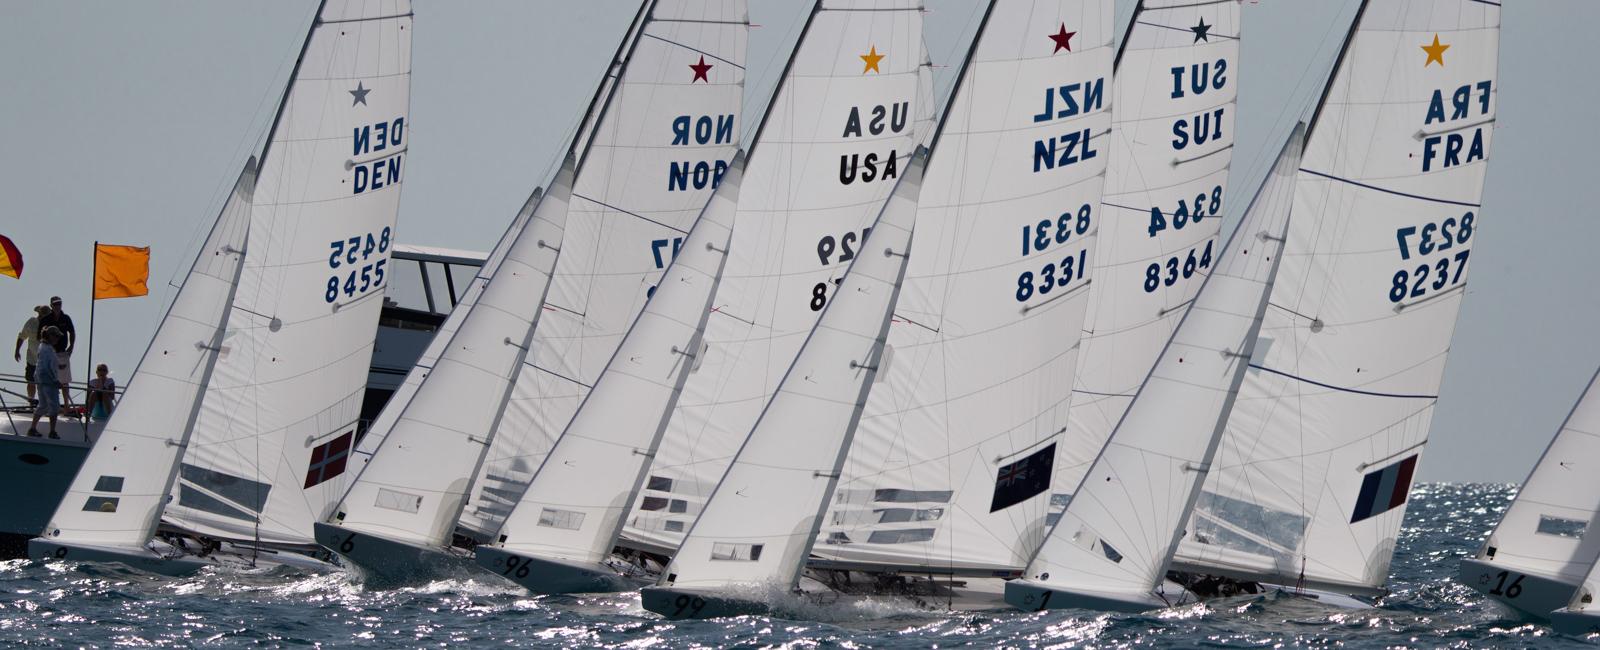 Start Race Star Sailors League